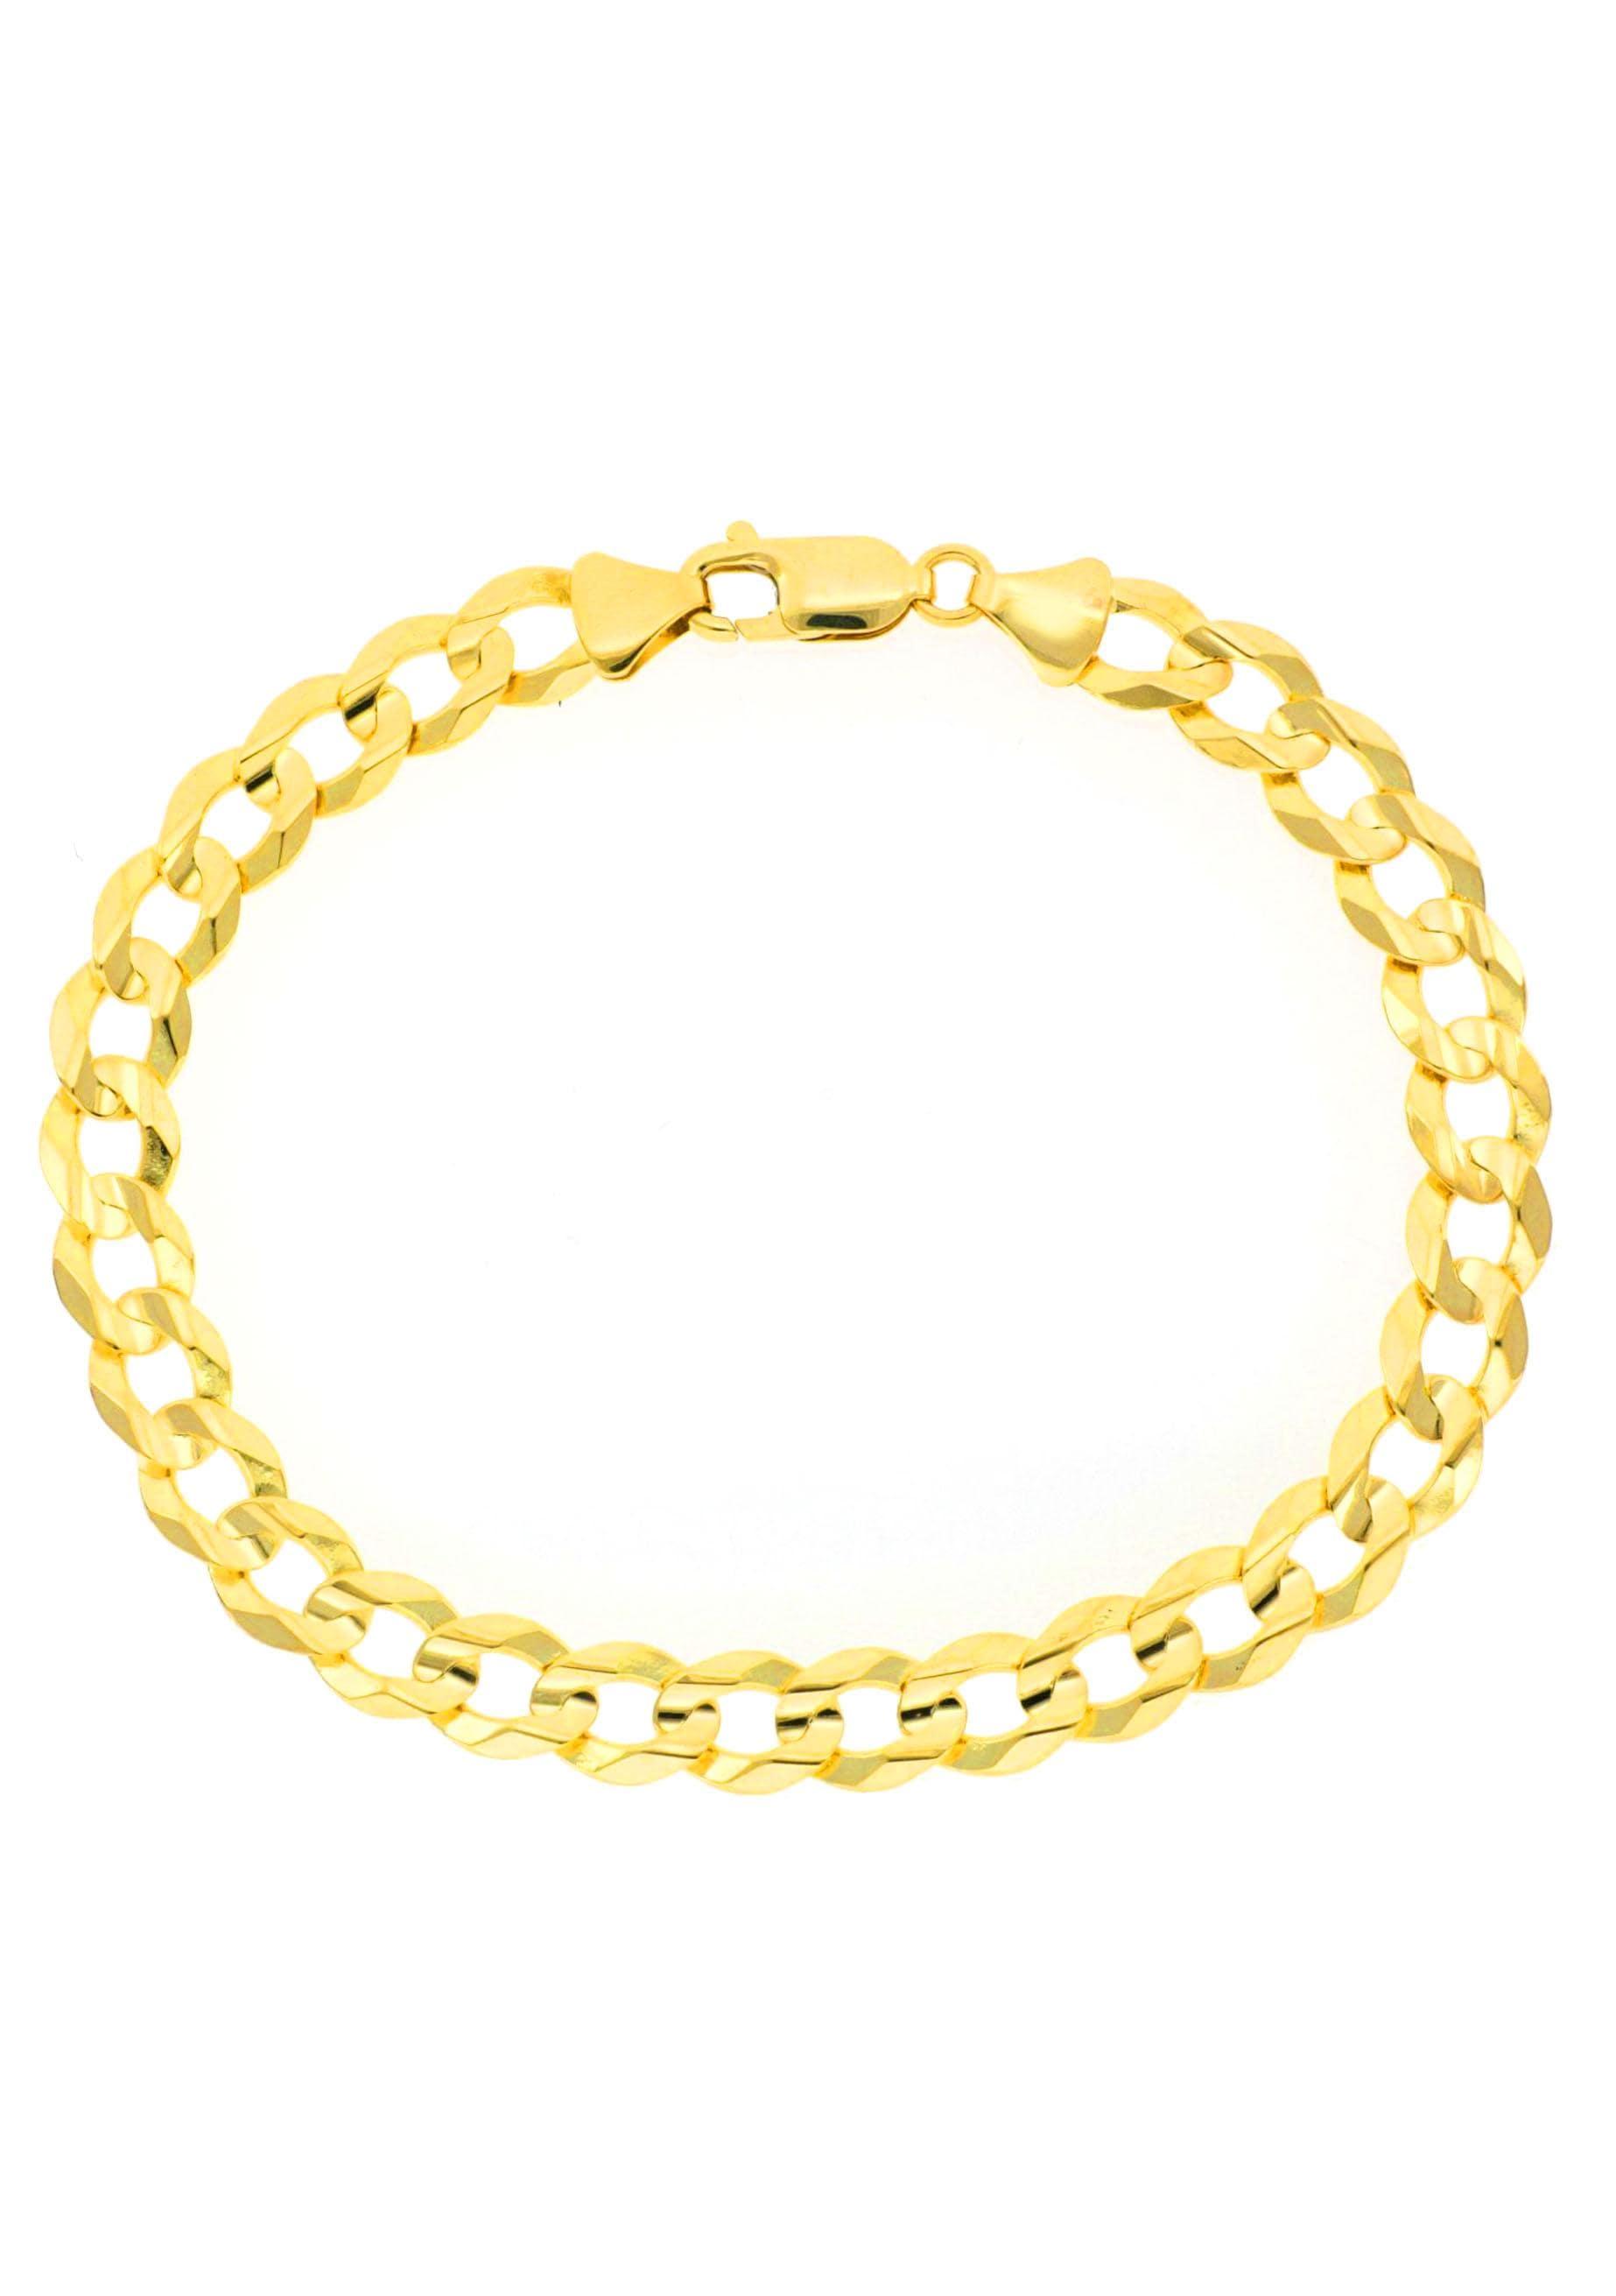 goldketten online kaufen